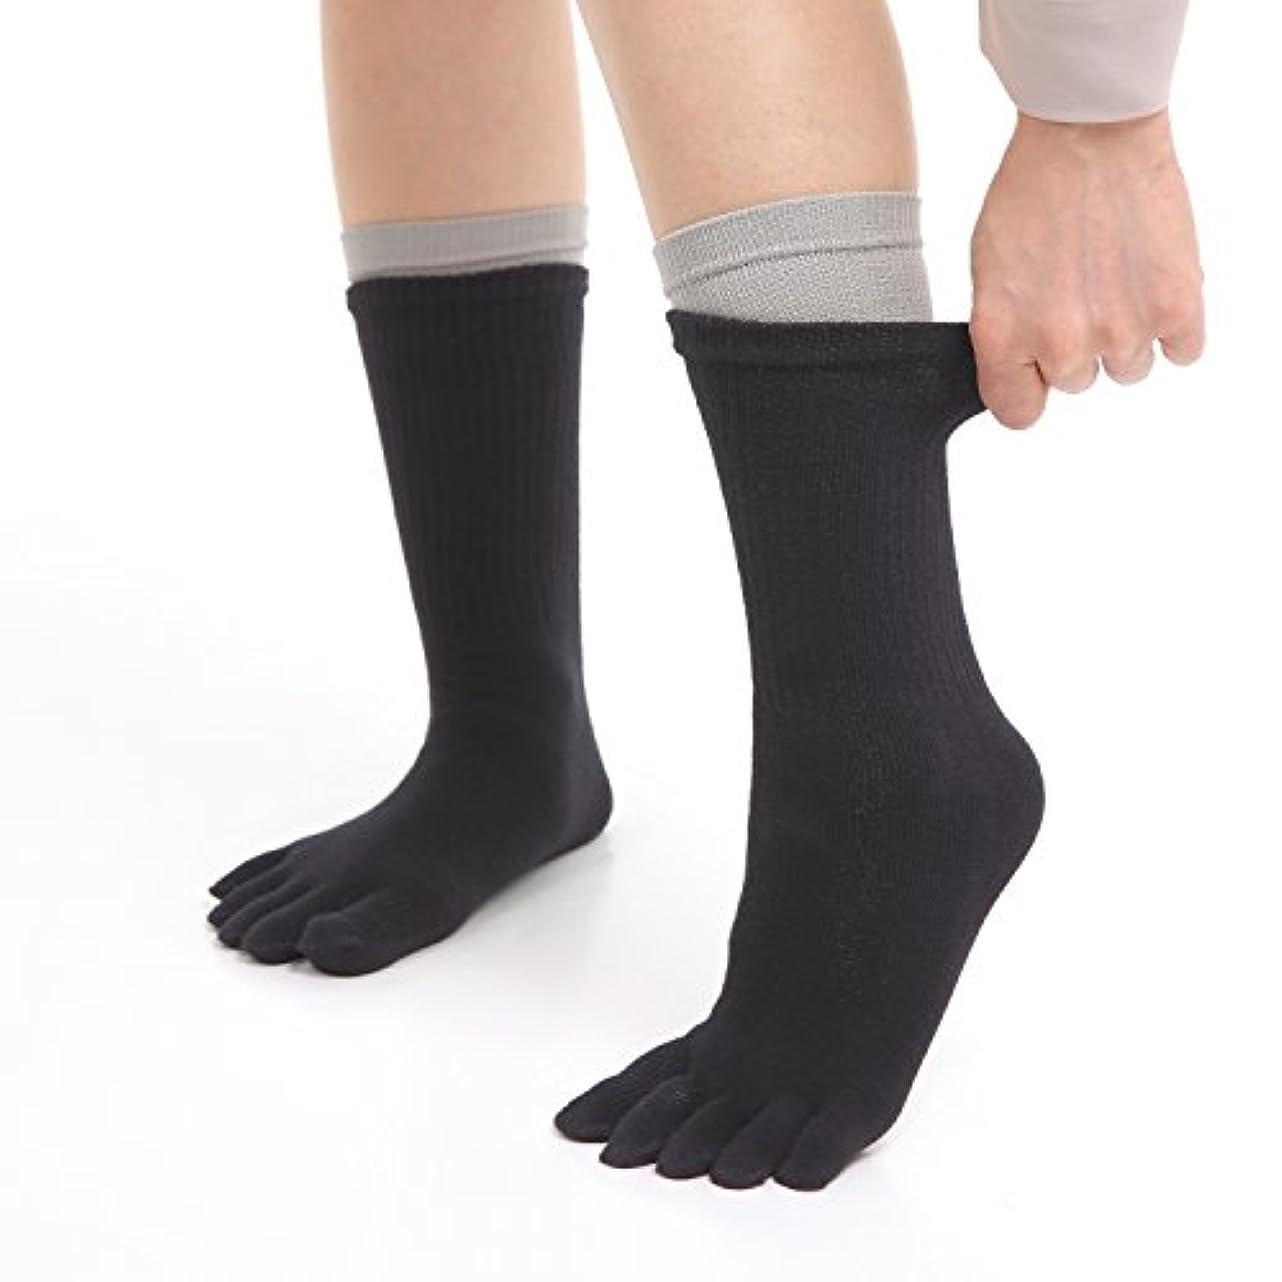 養うバンド誤解NANA 初心者向け冷えとり靴下 内シルク外コットンソックス 2足セット 5本指ソックス フリーサイズ シルク (グレー)